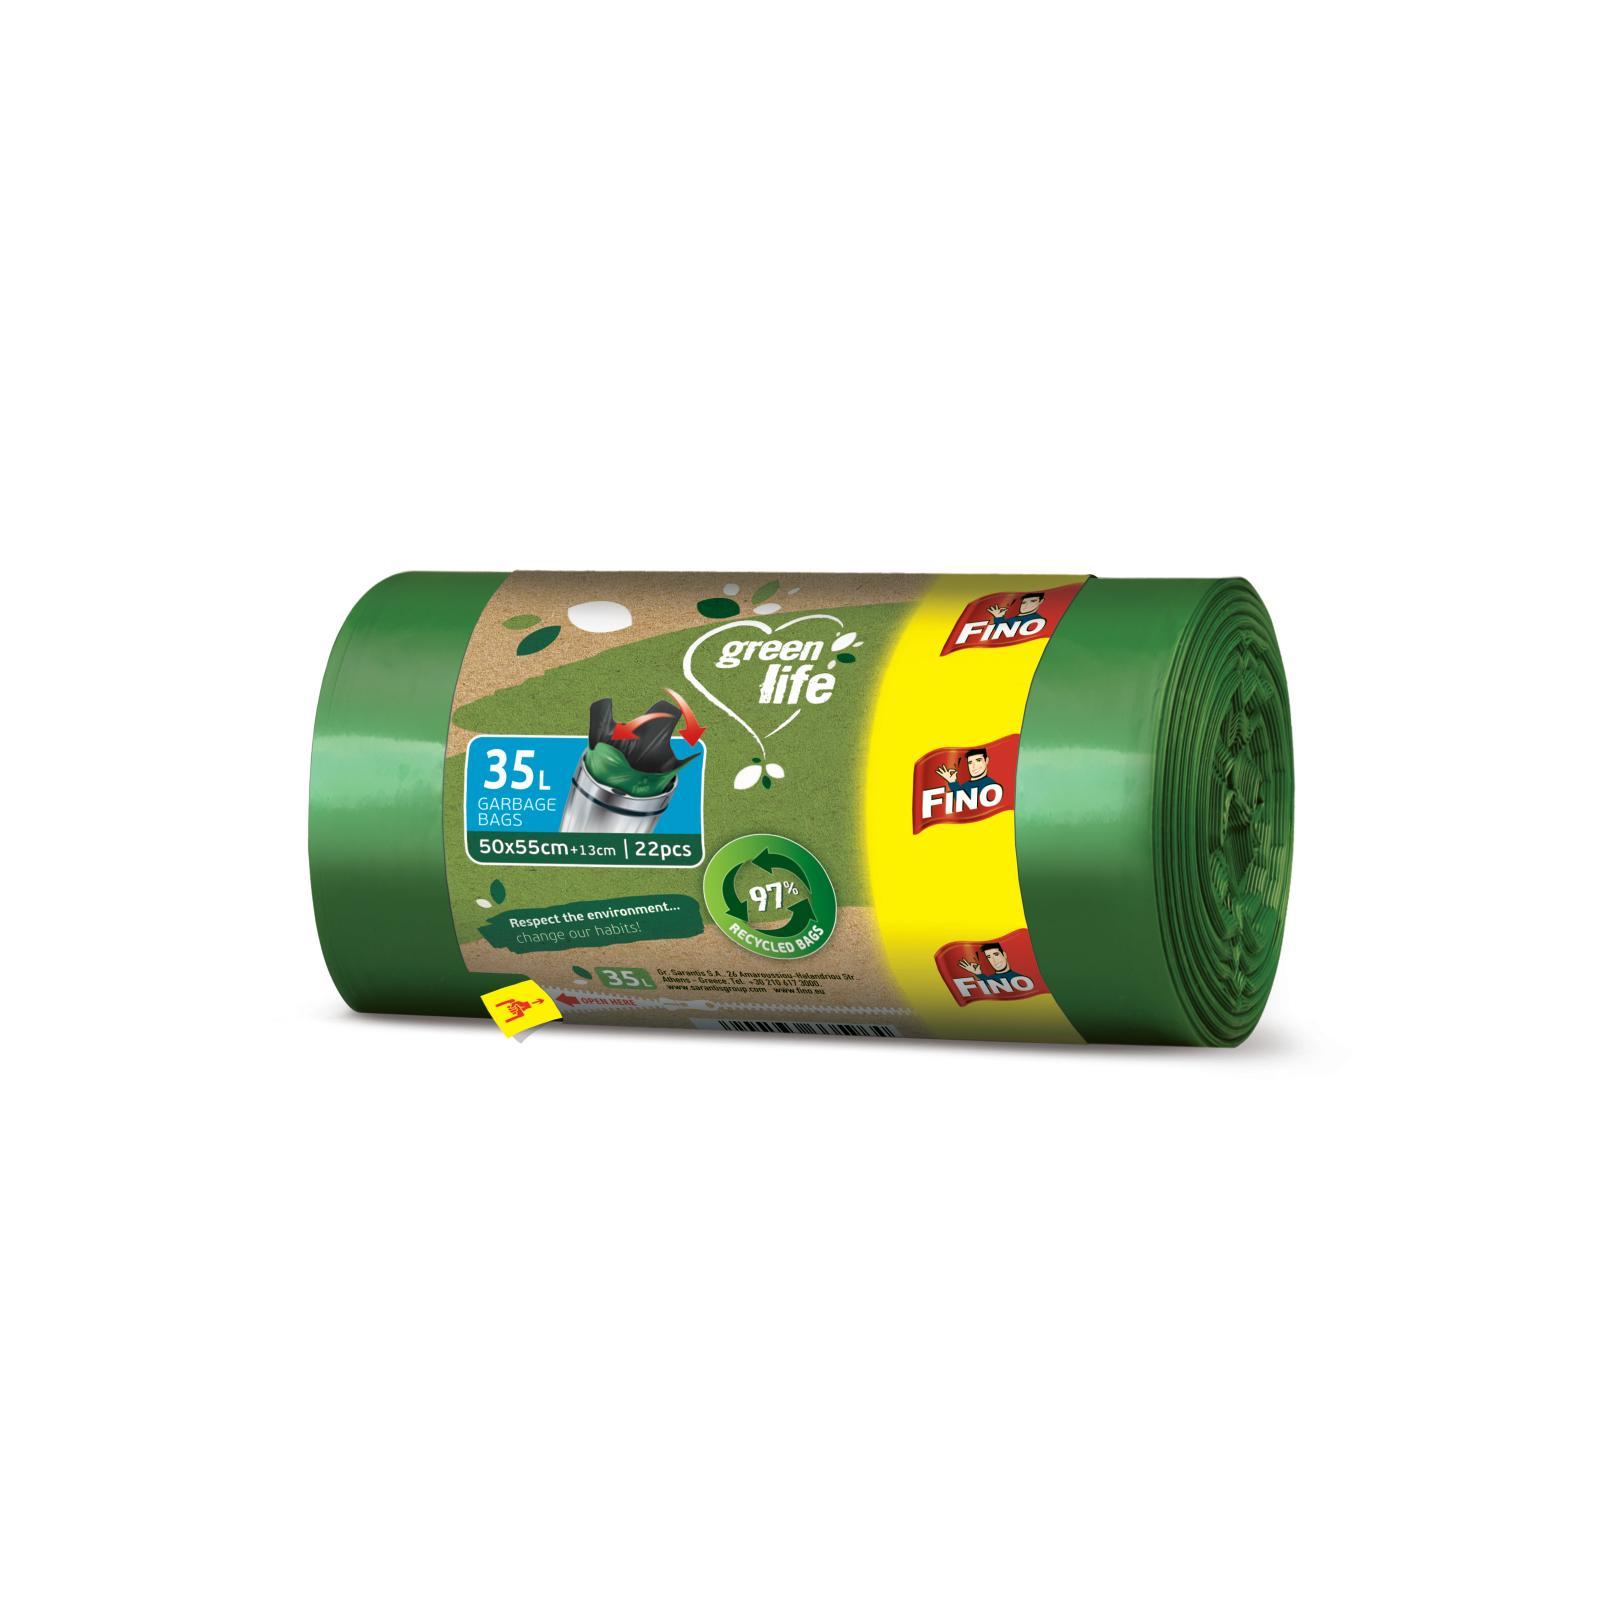 FINO LD Pytle Green Life Easy pack 35l 22 ks